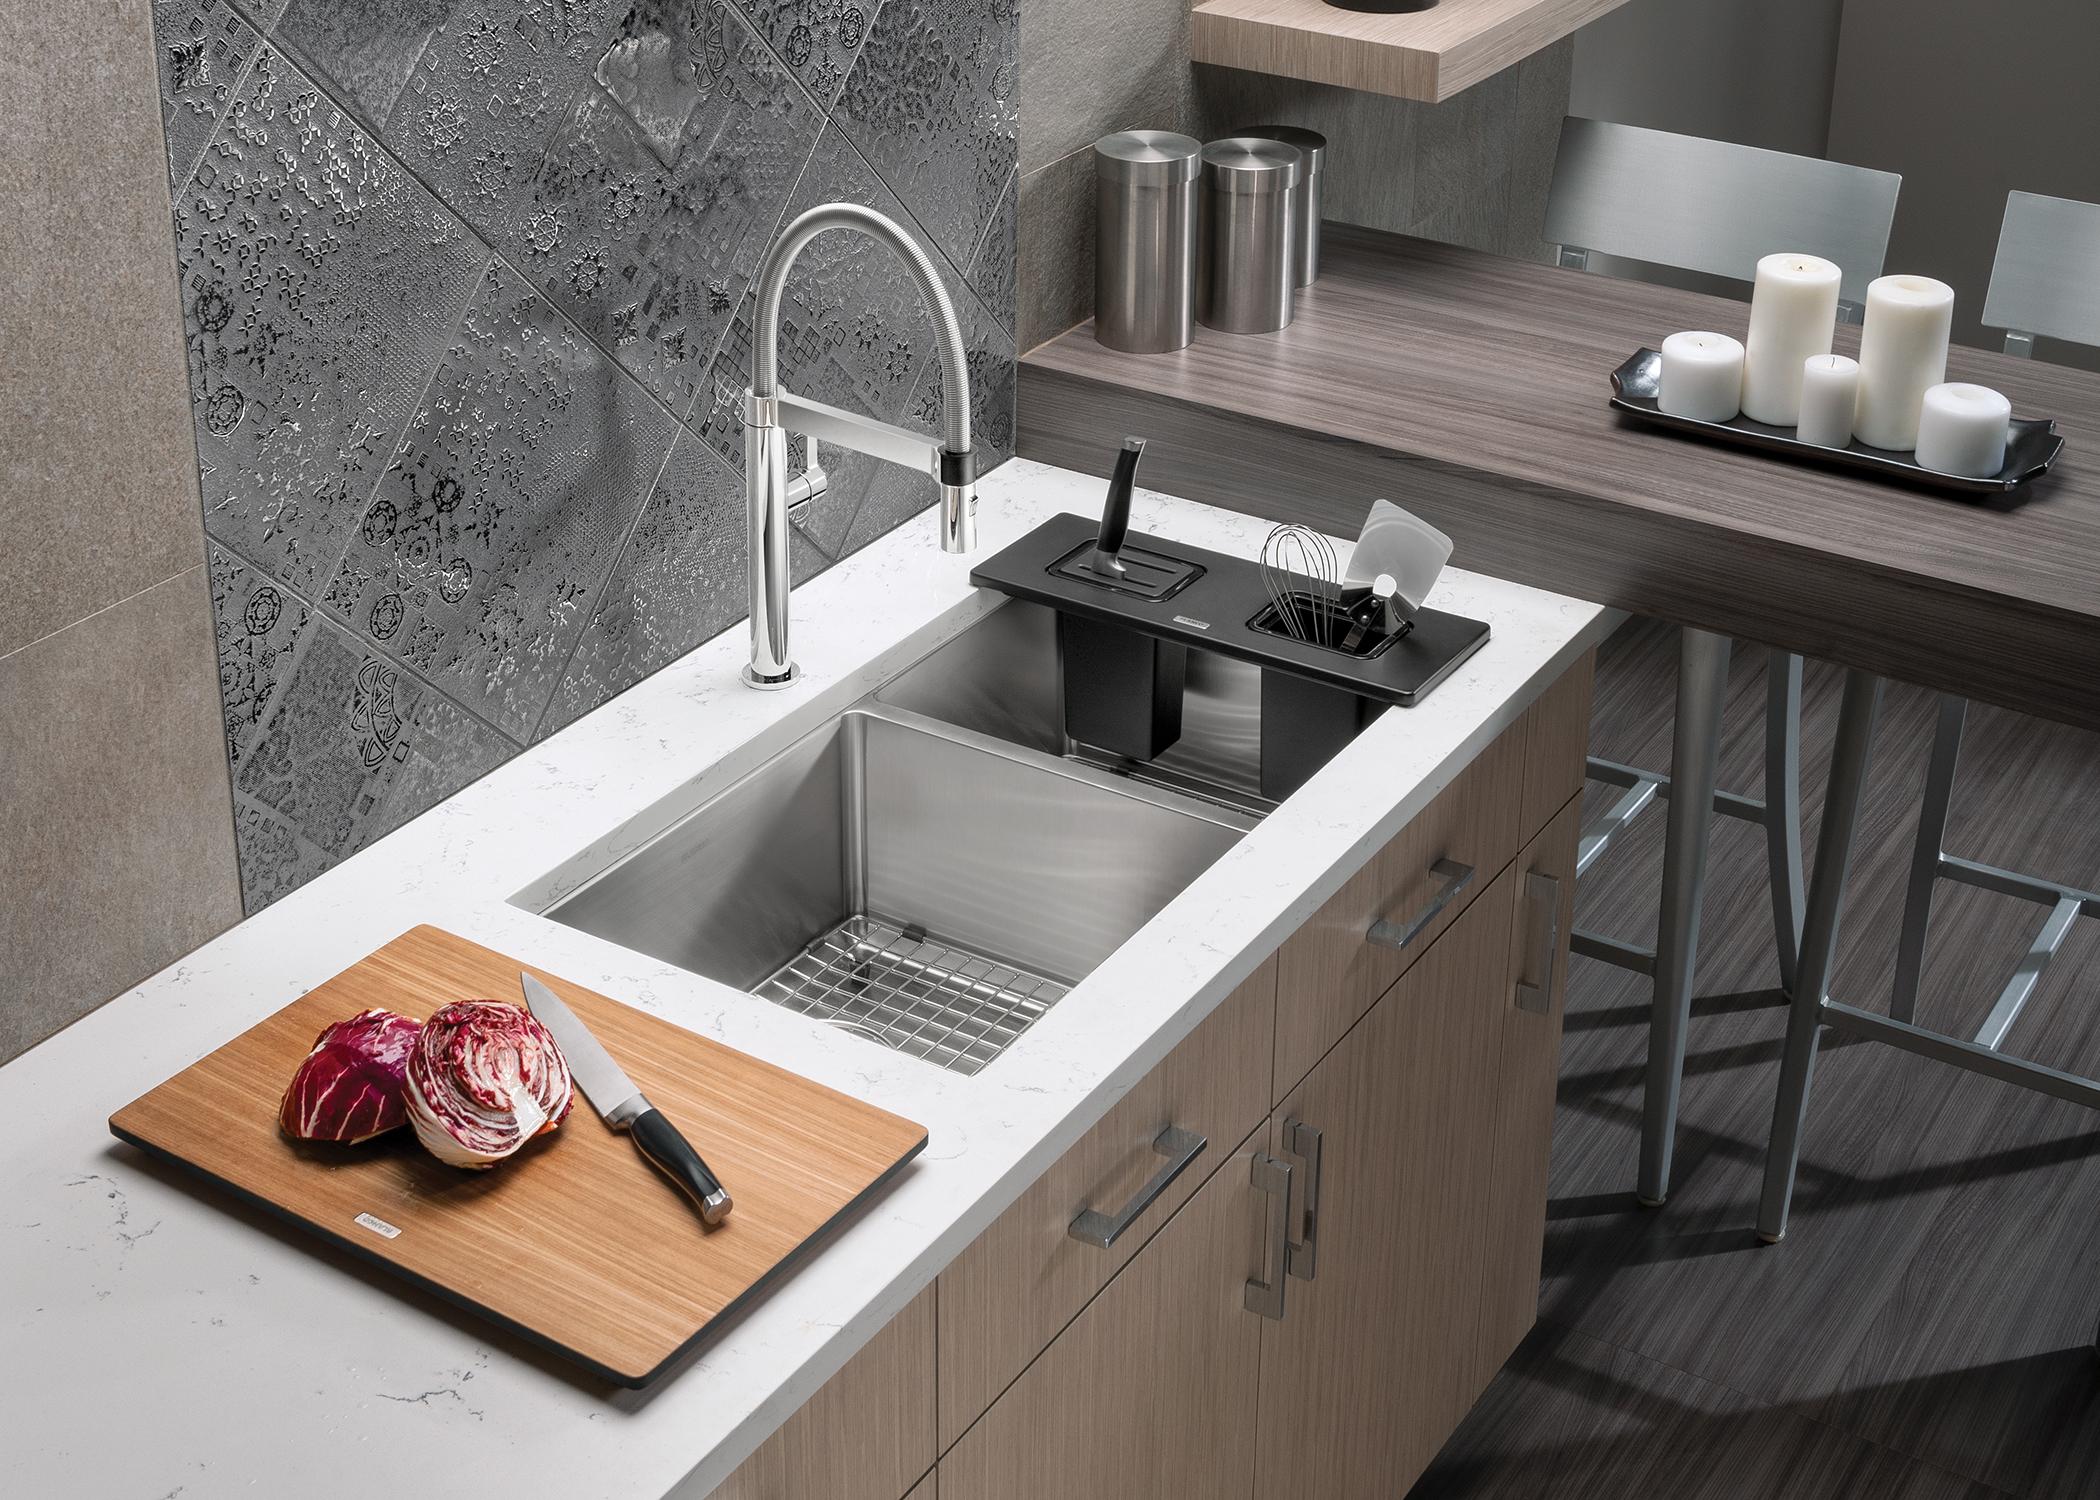 kitchen sink accessories | kbtribechat